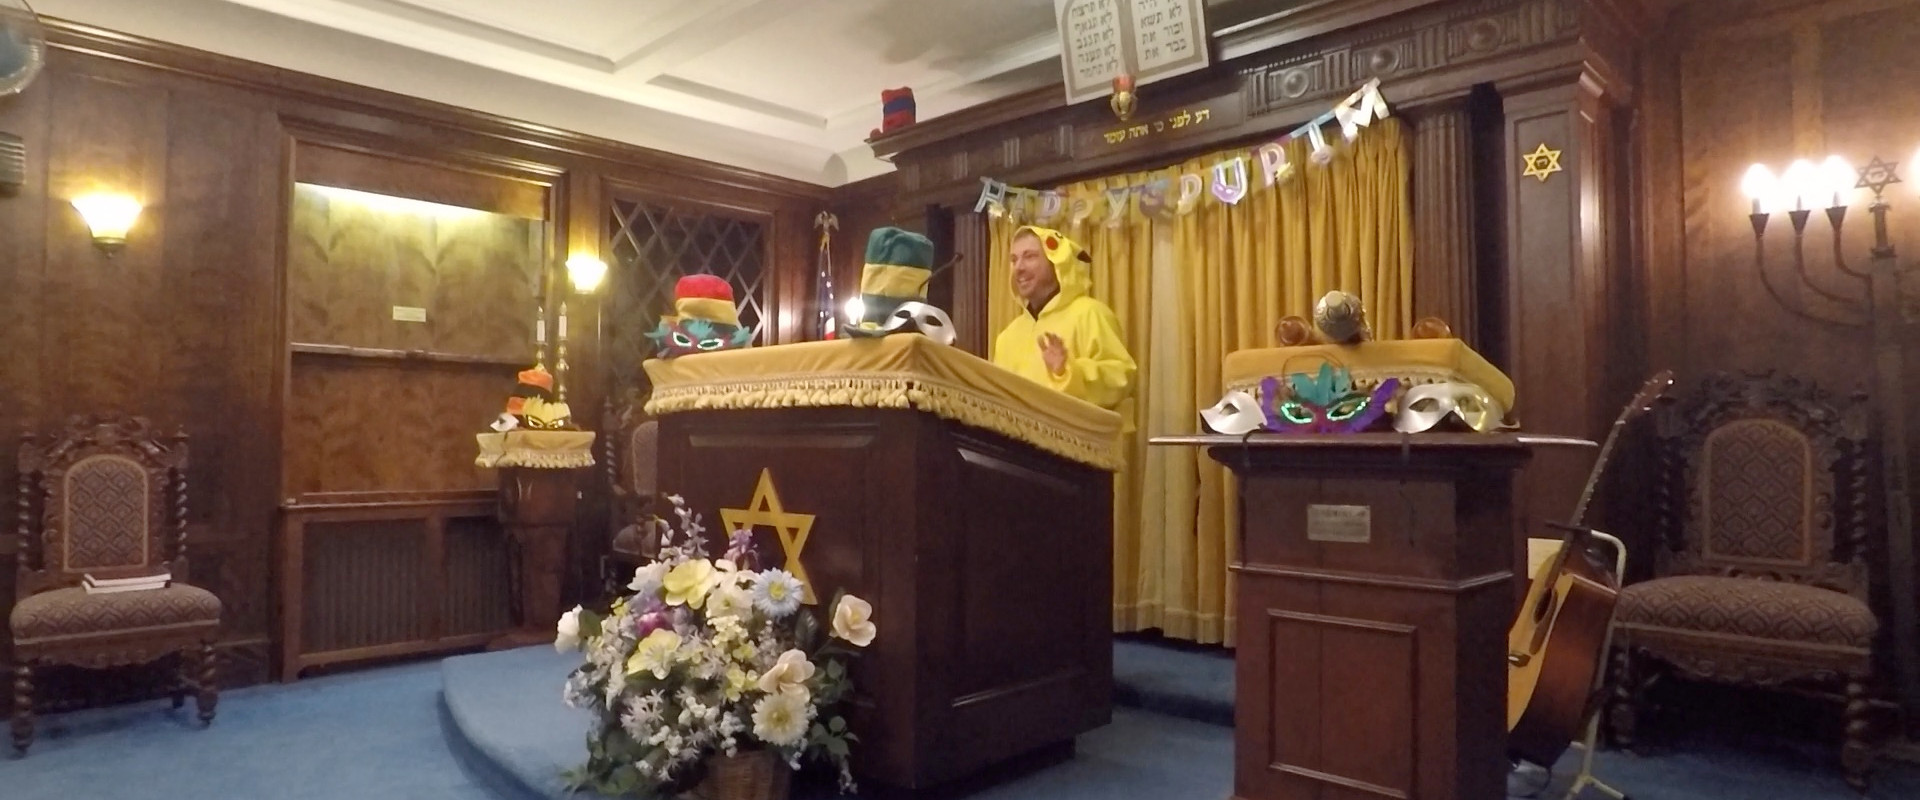 Rabbi Greg as Pikachu for Purim